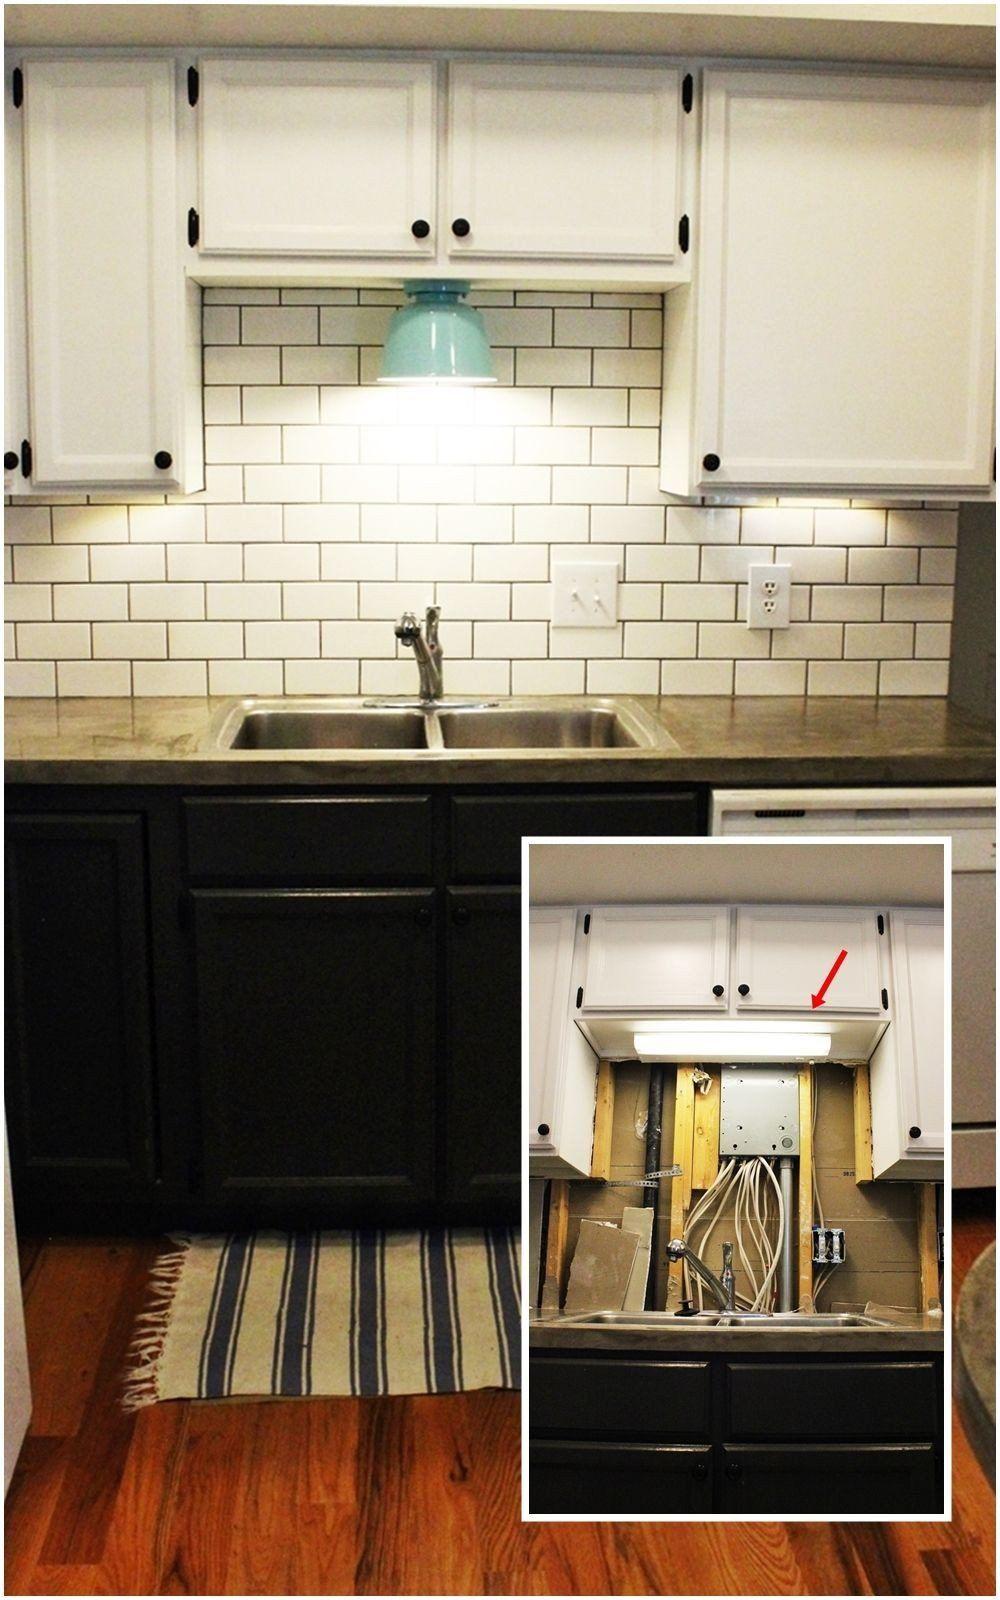 Lighting For Above Kitchen Cabinet Diy Kitchen Lighting Upgrade Led Under Cabinet Lights In 2020 Kitchen Design Diy Installing Kitchen Cabinets Above Kitchen Cabinets